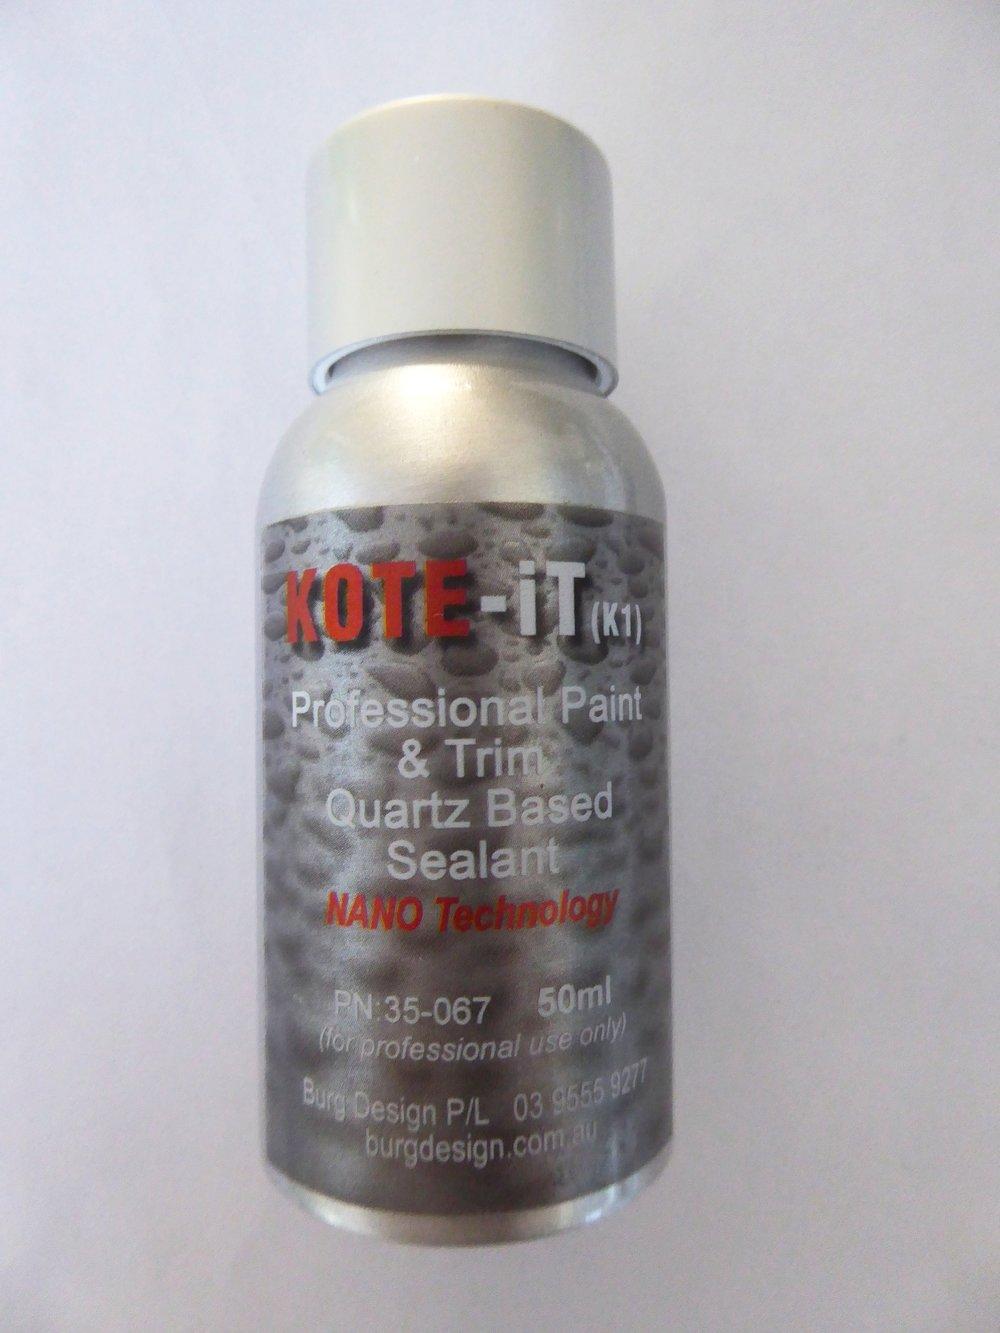 KOTE-iT (K1) NANO  Ceramic